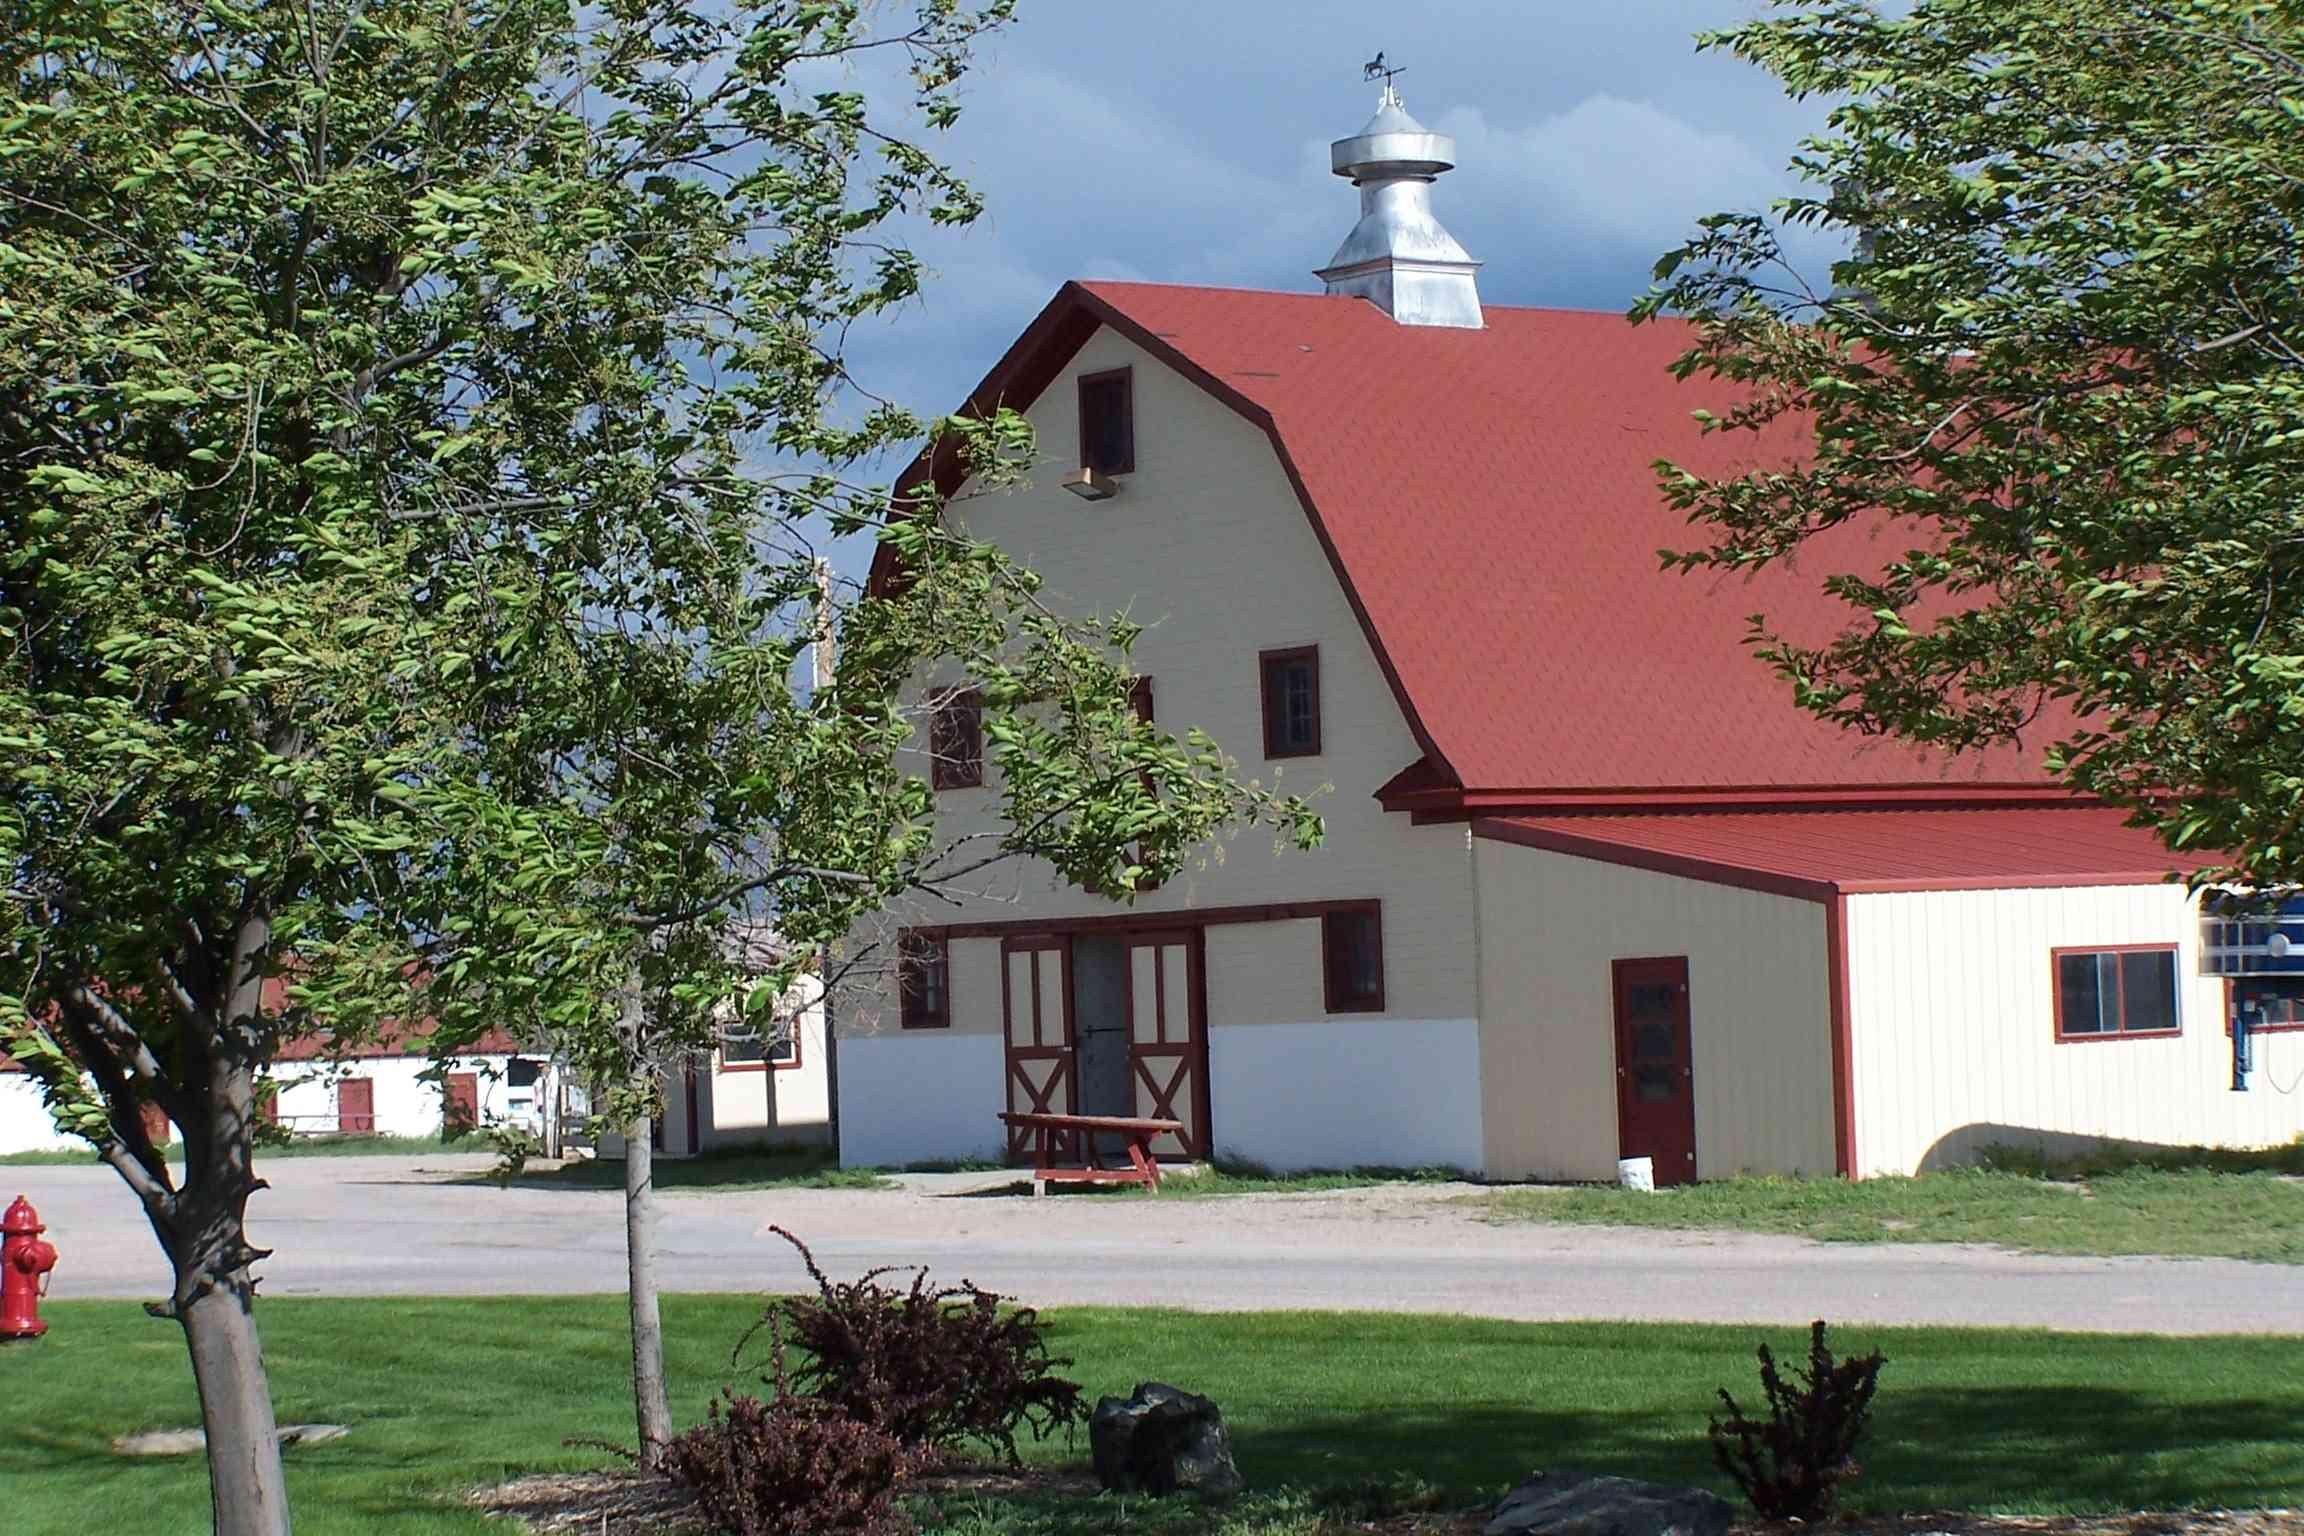 St. Joseph's Children's Home